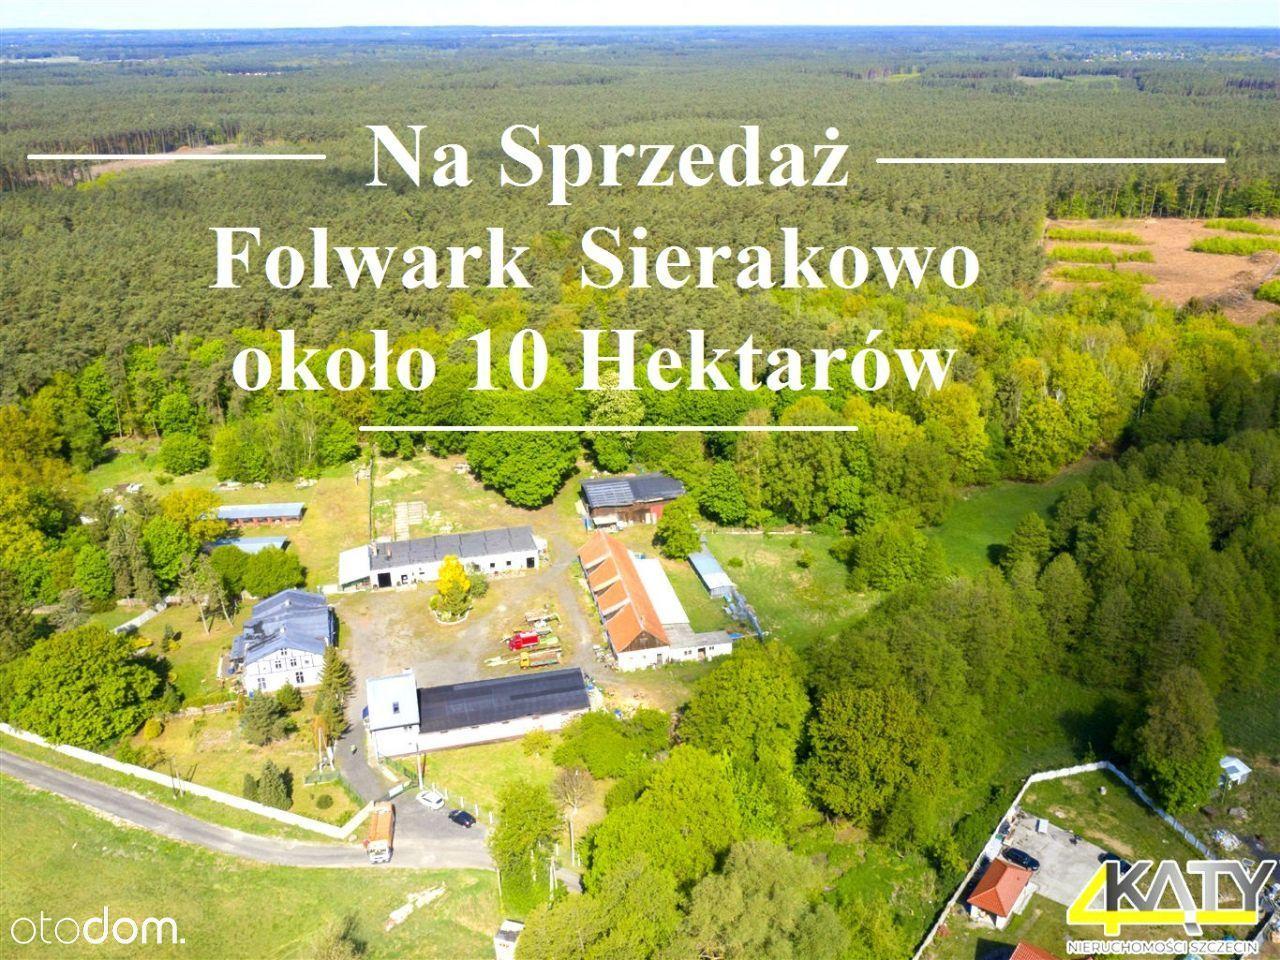 Na sprzedaż Folwark Sierakowo, ok. 10 Hektarów